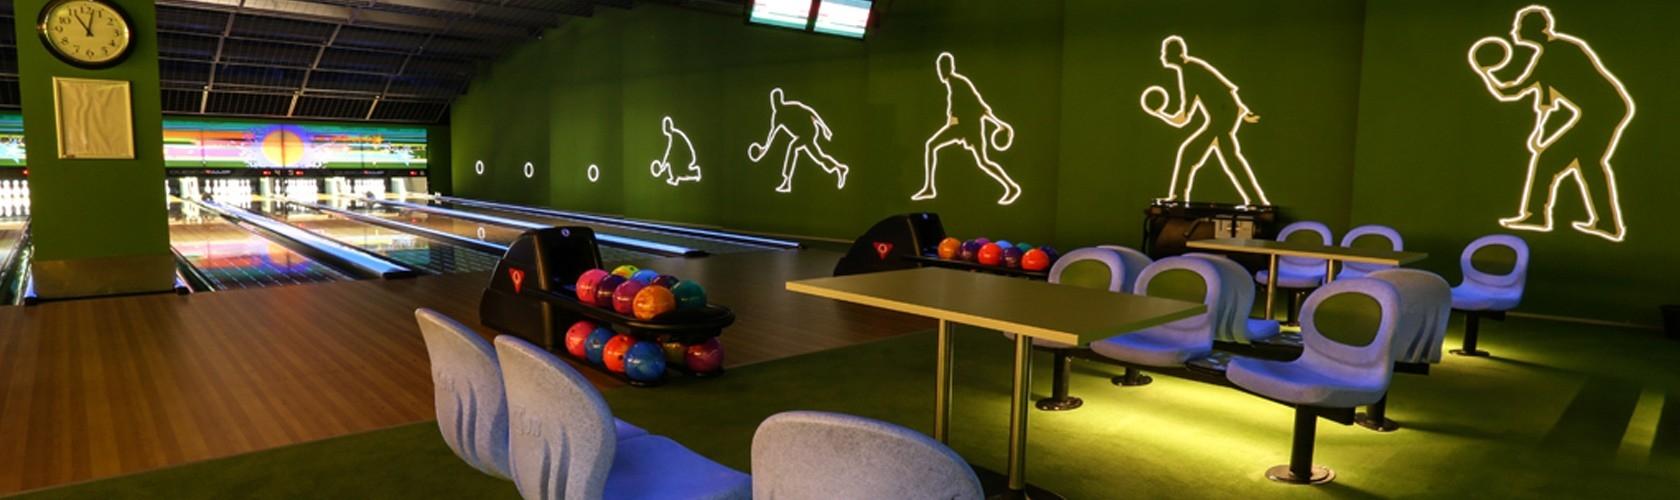 Svět zábavy - Bowling